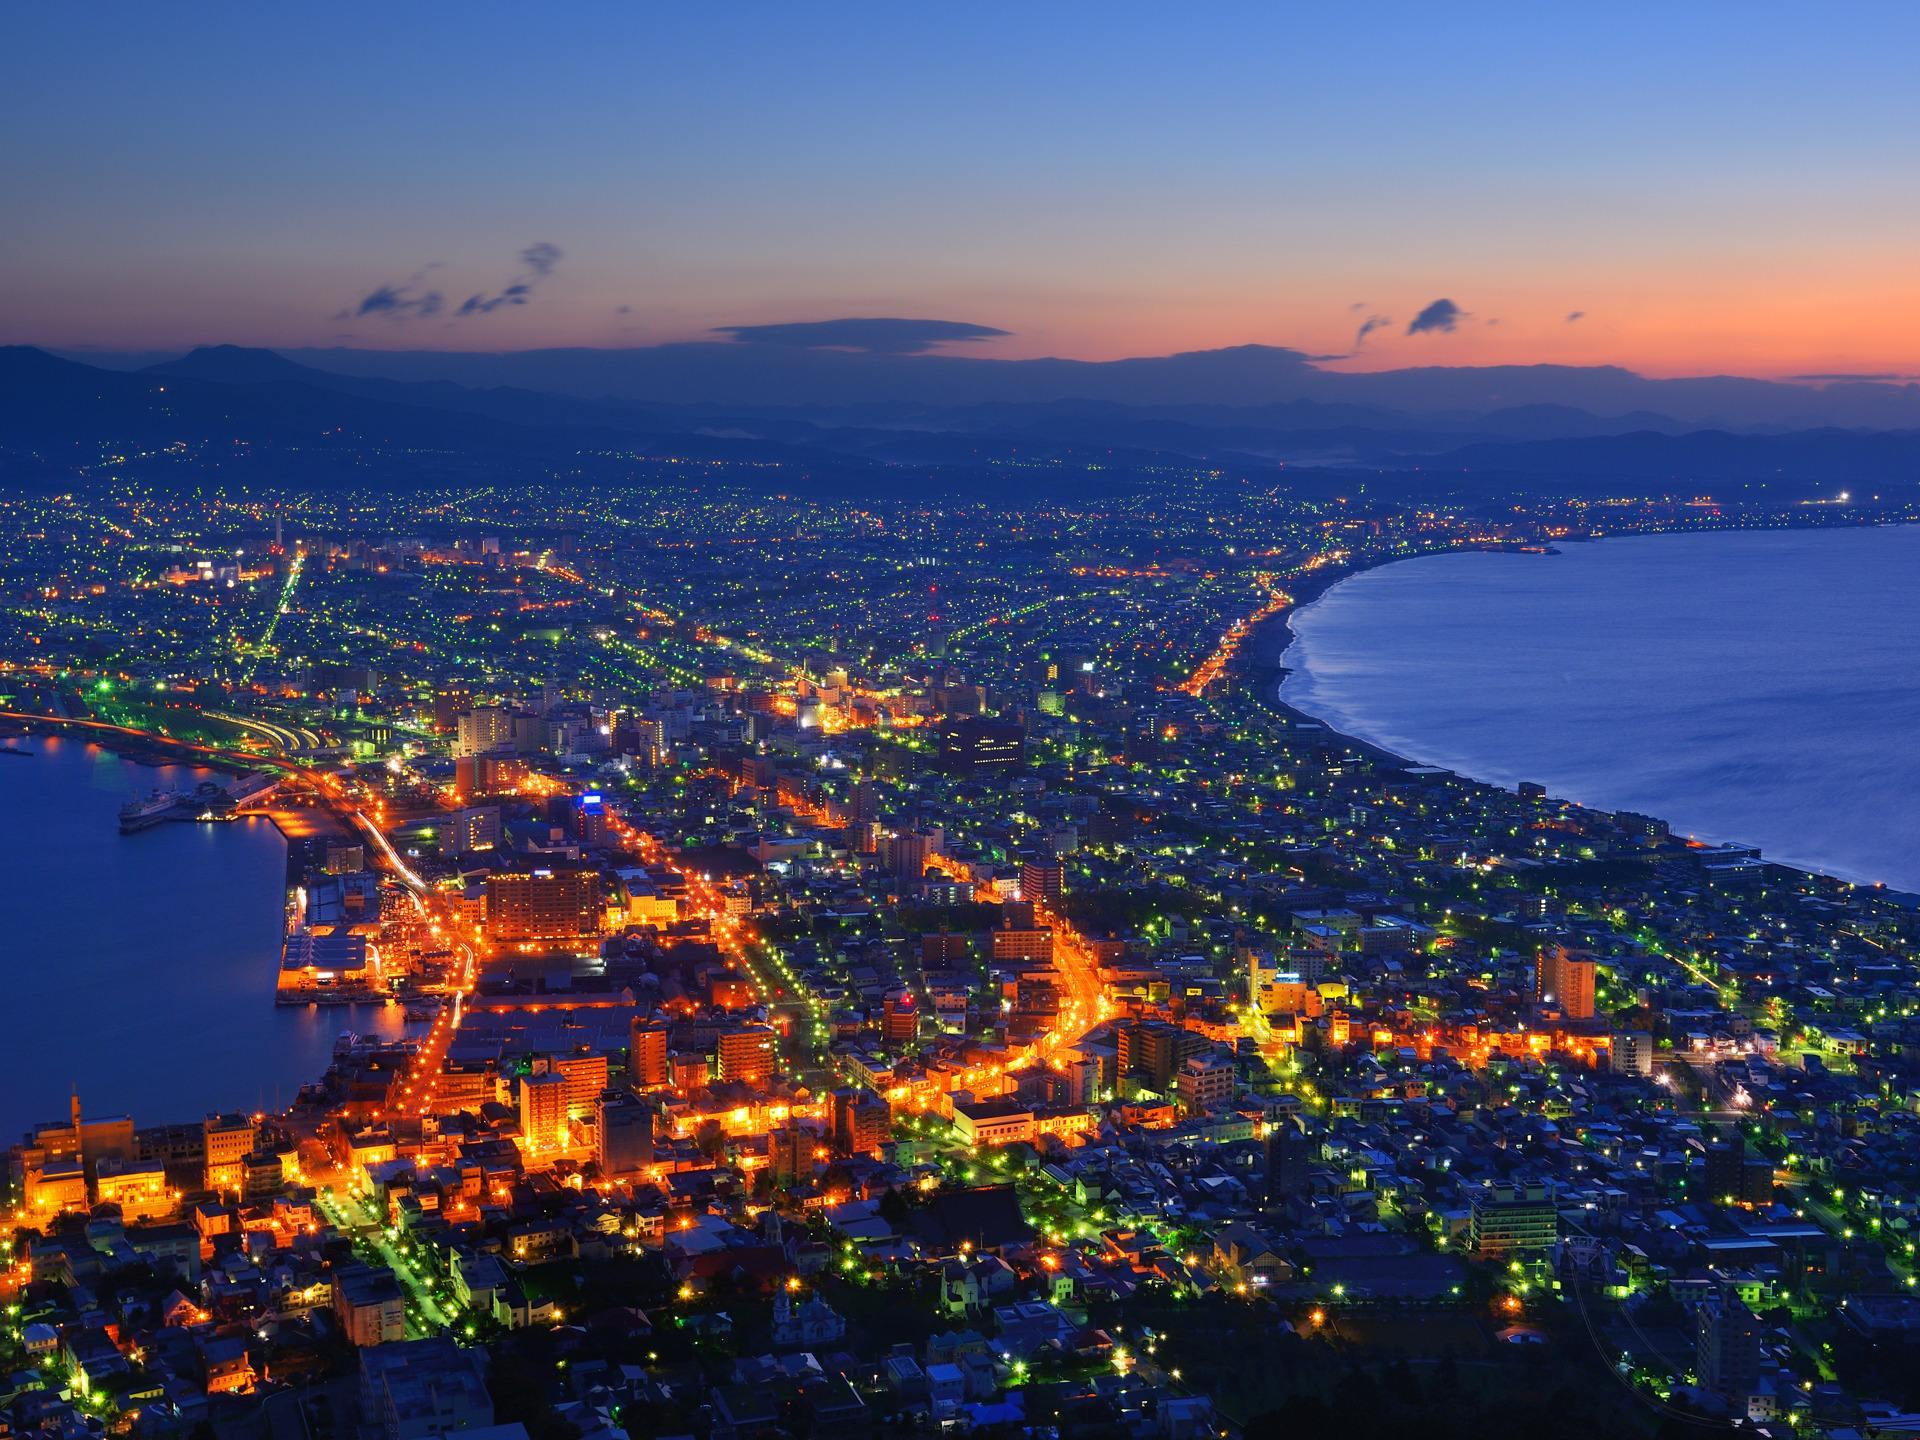 【国庆】日本札幌6晚7日自由行【随心游】(国航往返,札幌格拉斯丽酒店)